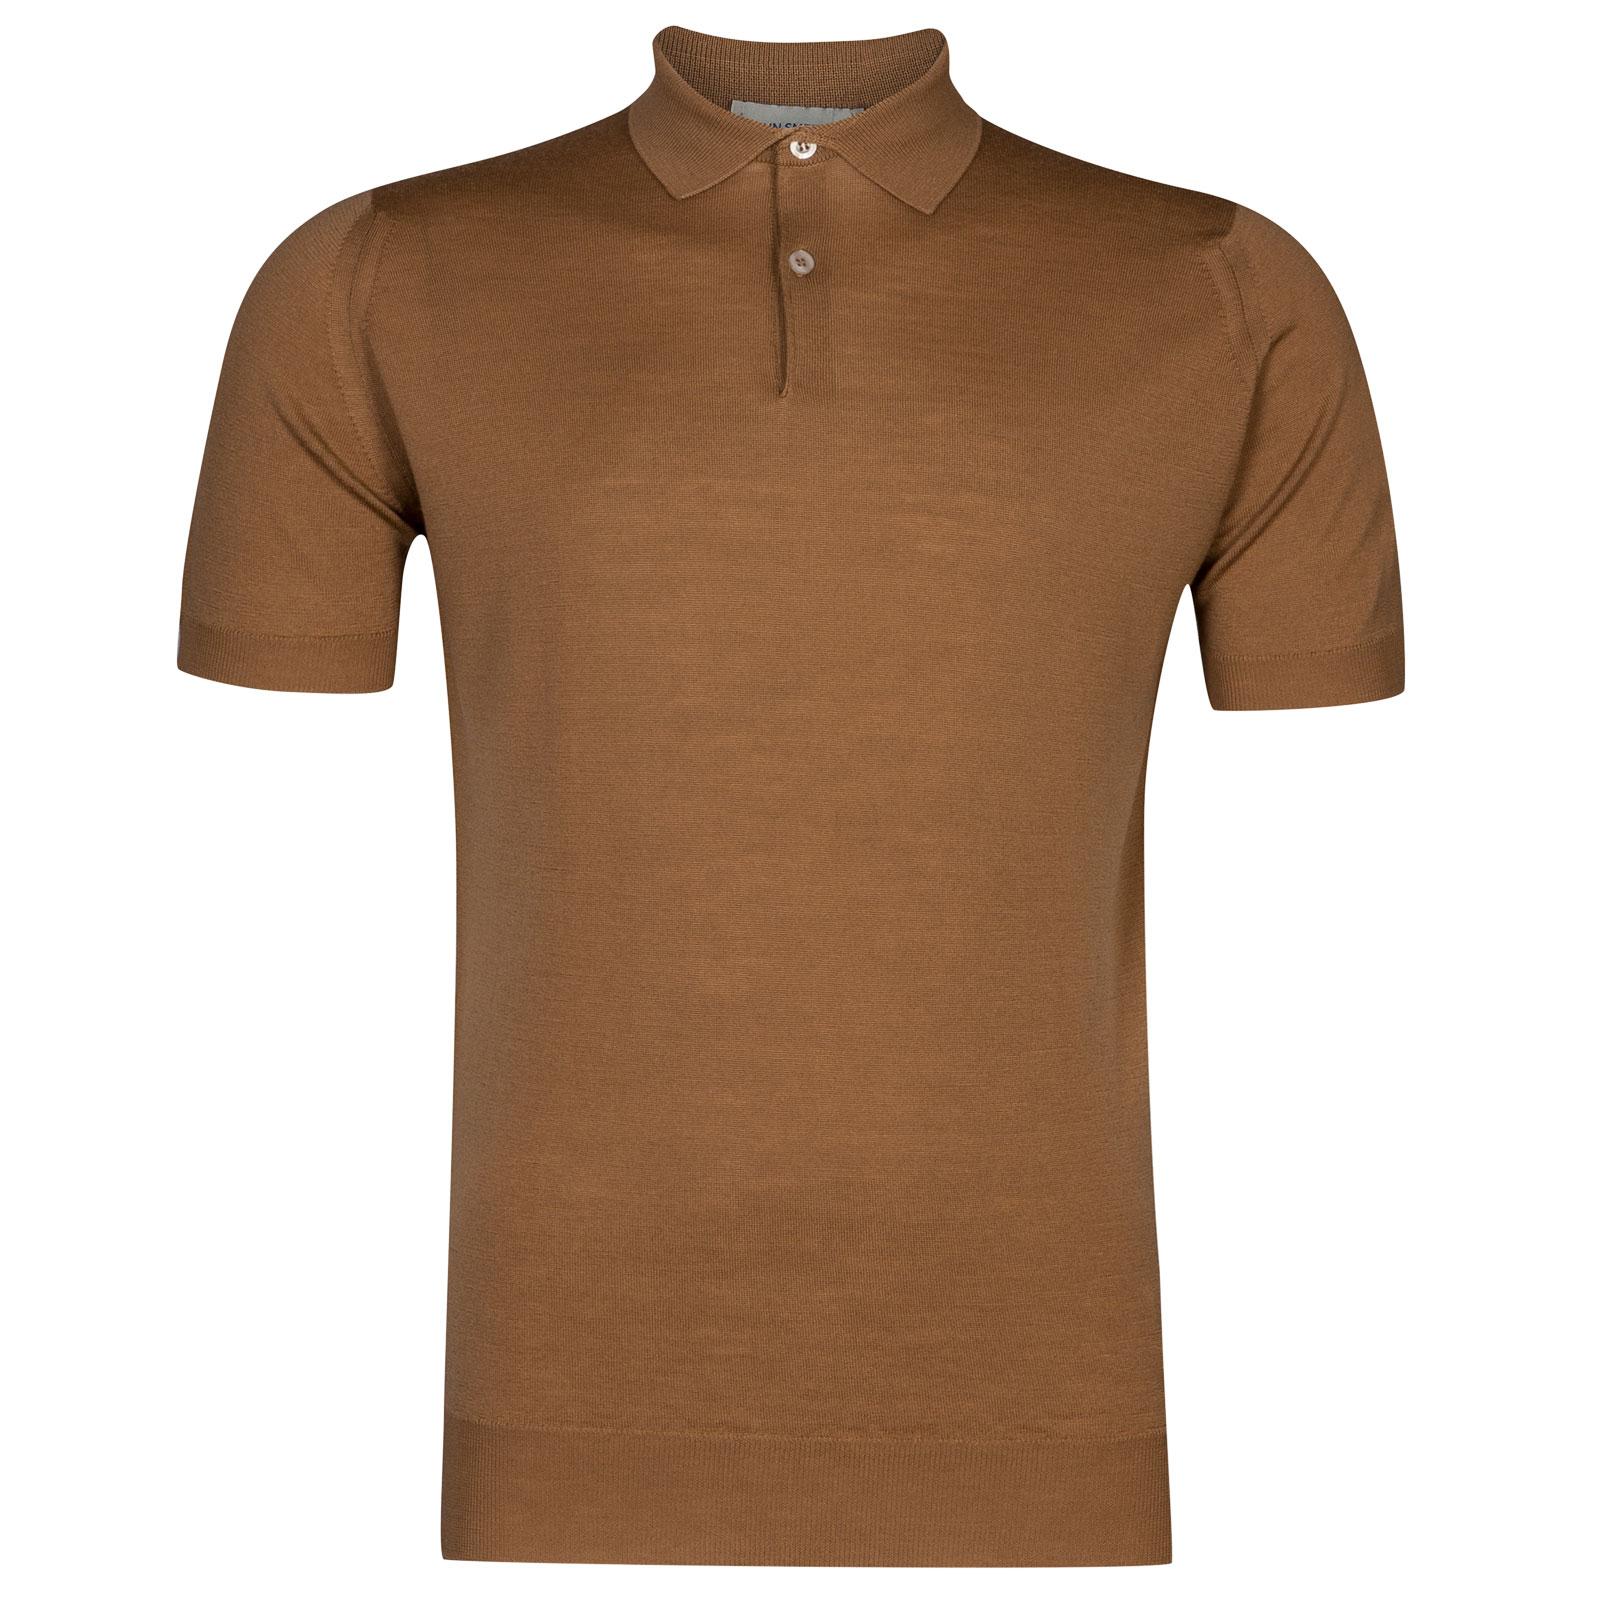 John Smedley payton Merino Wool Shirt in Camel-M